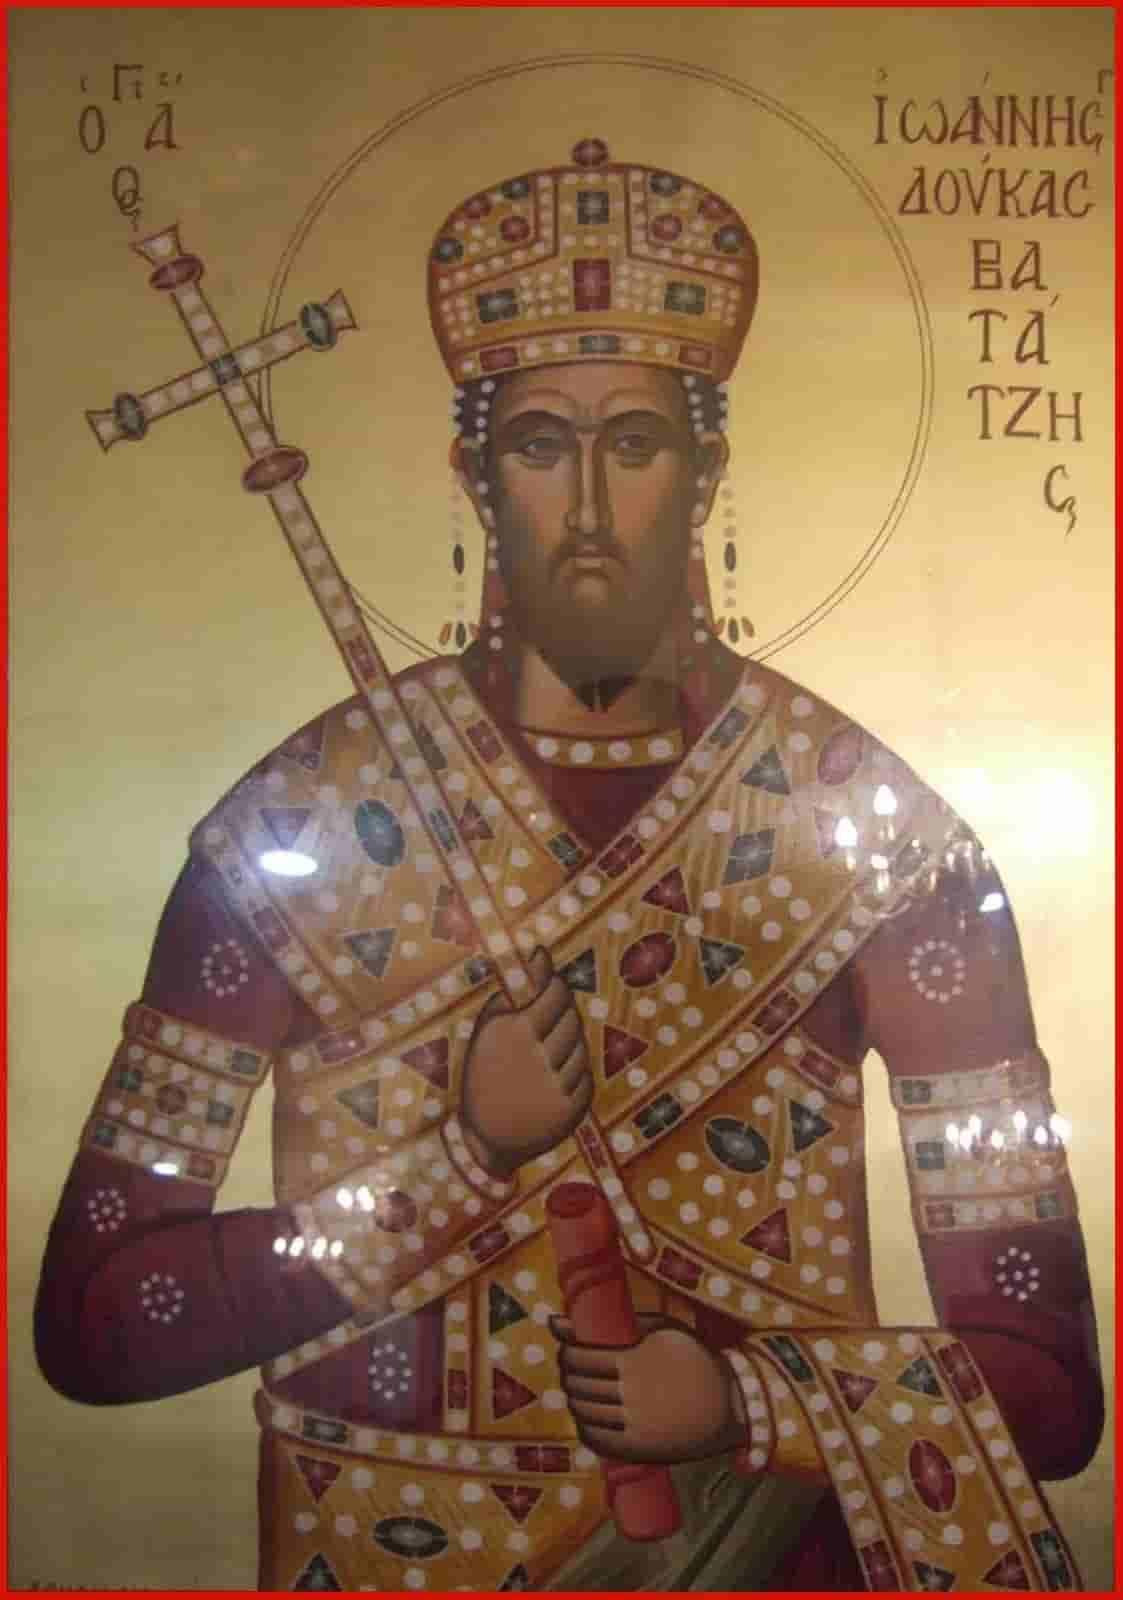 Ιωάννης Βατάτζης